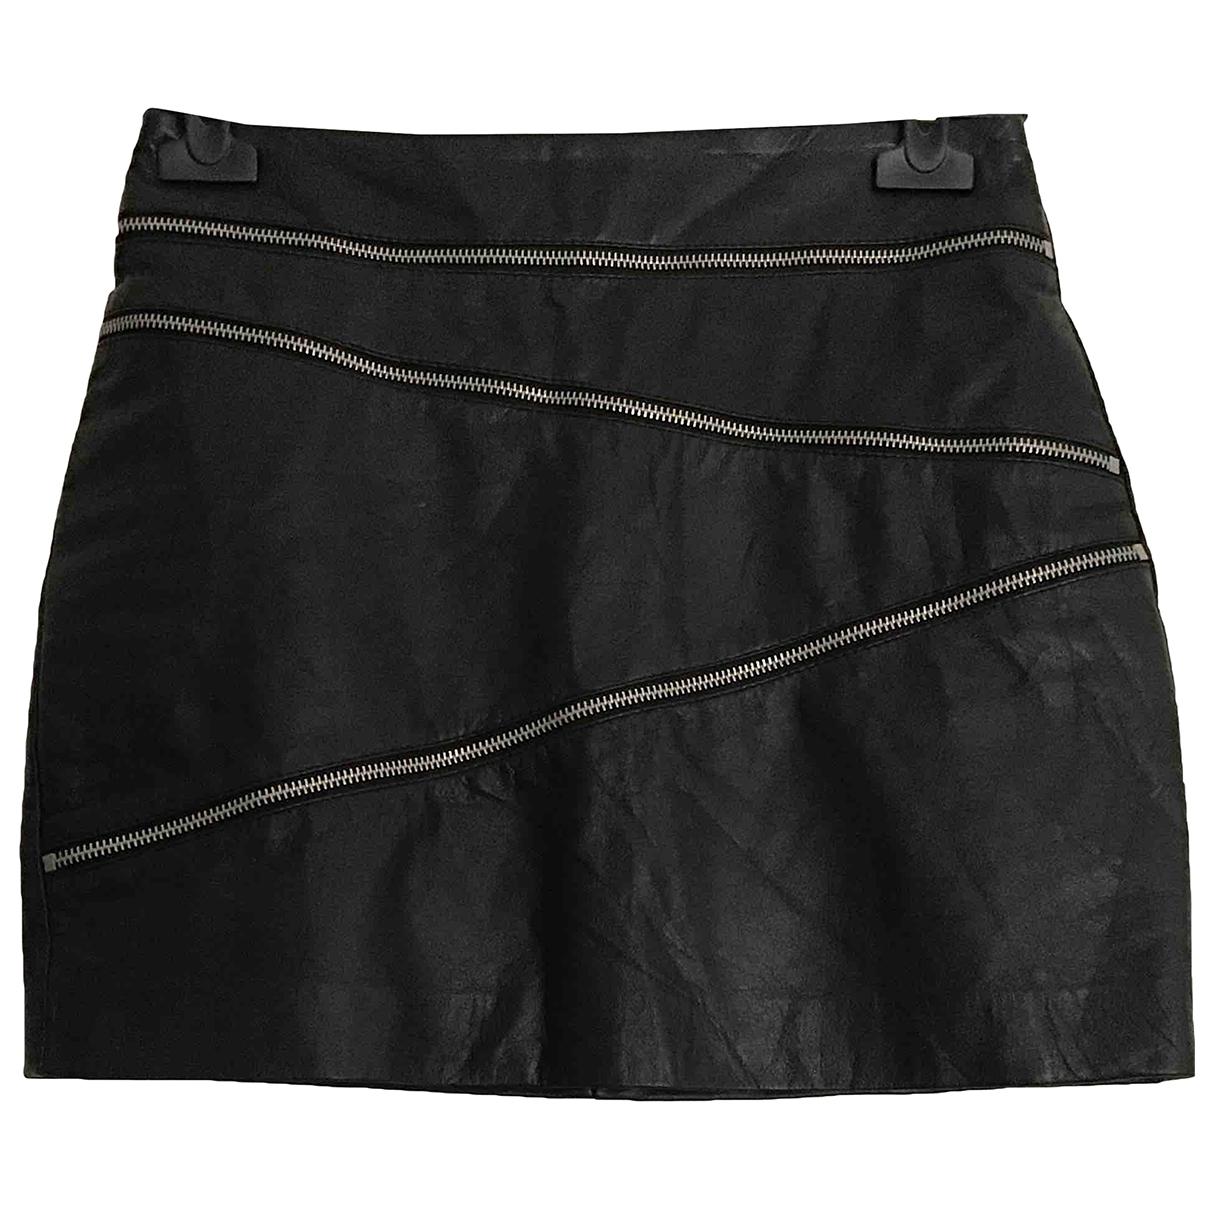 Mango \N Black Leather skirt for Women 34 FR